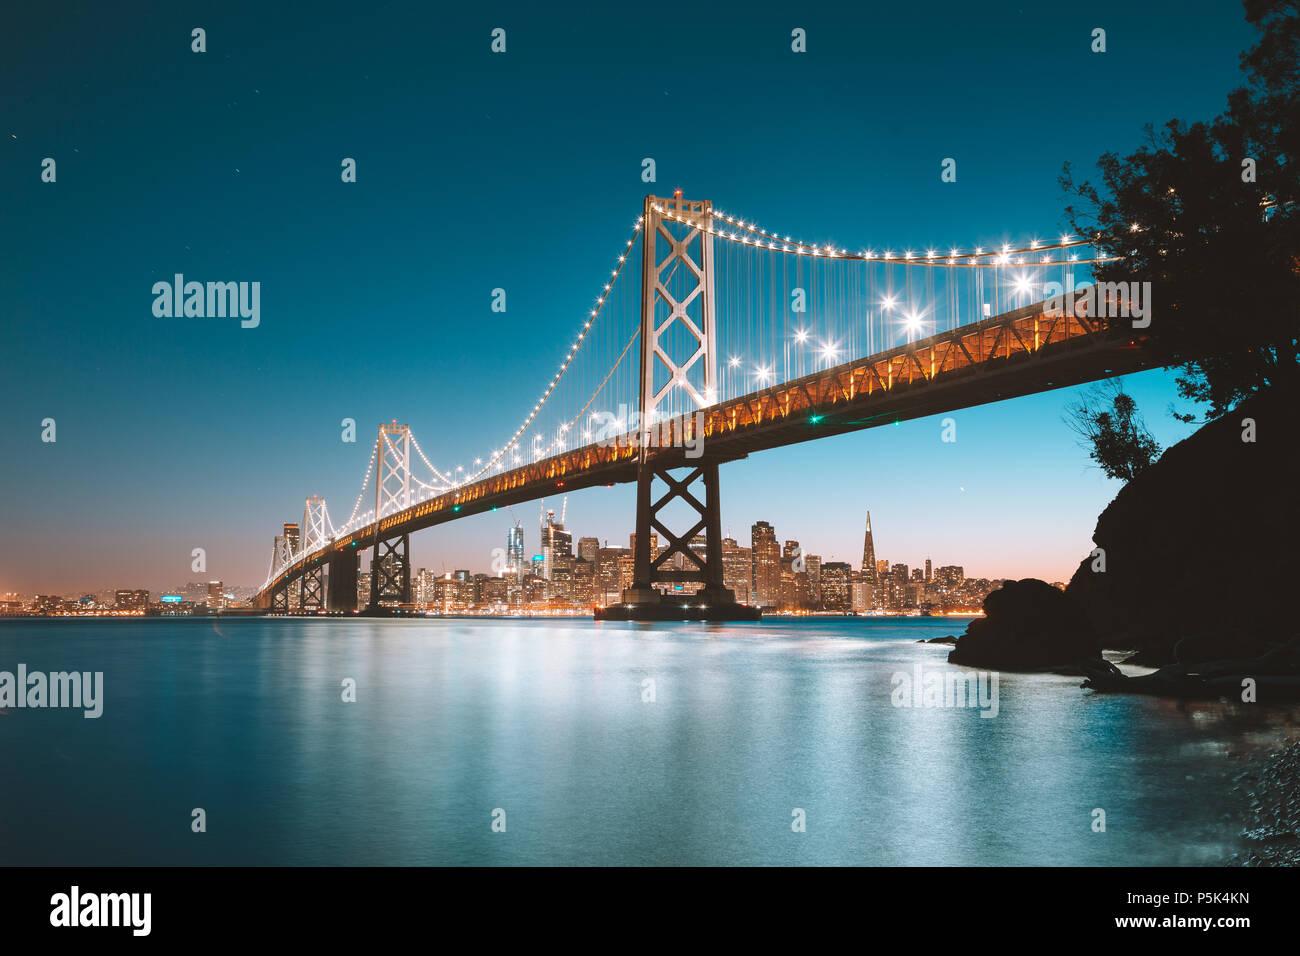 Classic vista panoramica dello skyline di San Francisco con il famoso Oakland Bay Bridge illuminato nel bellissimo crepuscolo serale al tramonto in estate Immagini Stock